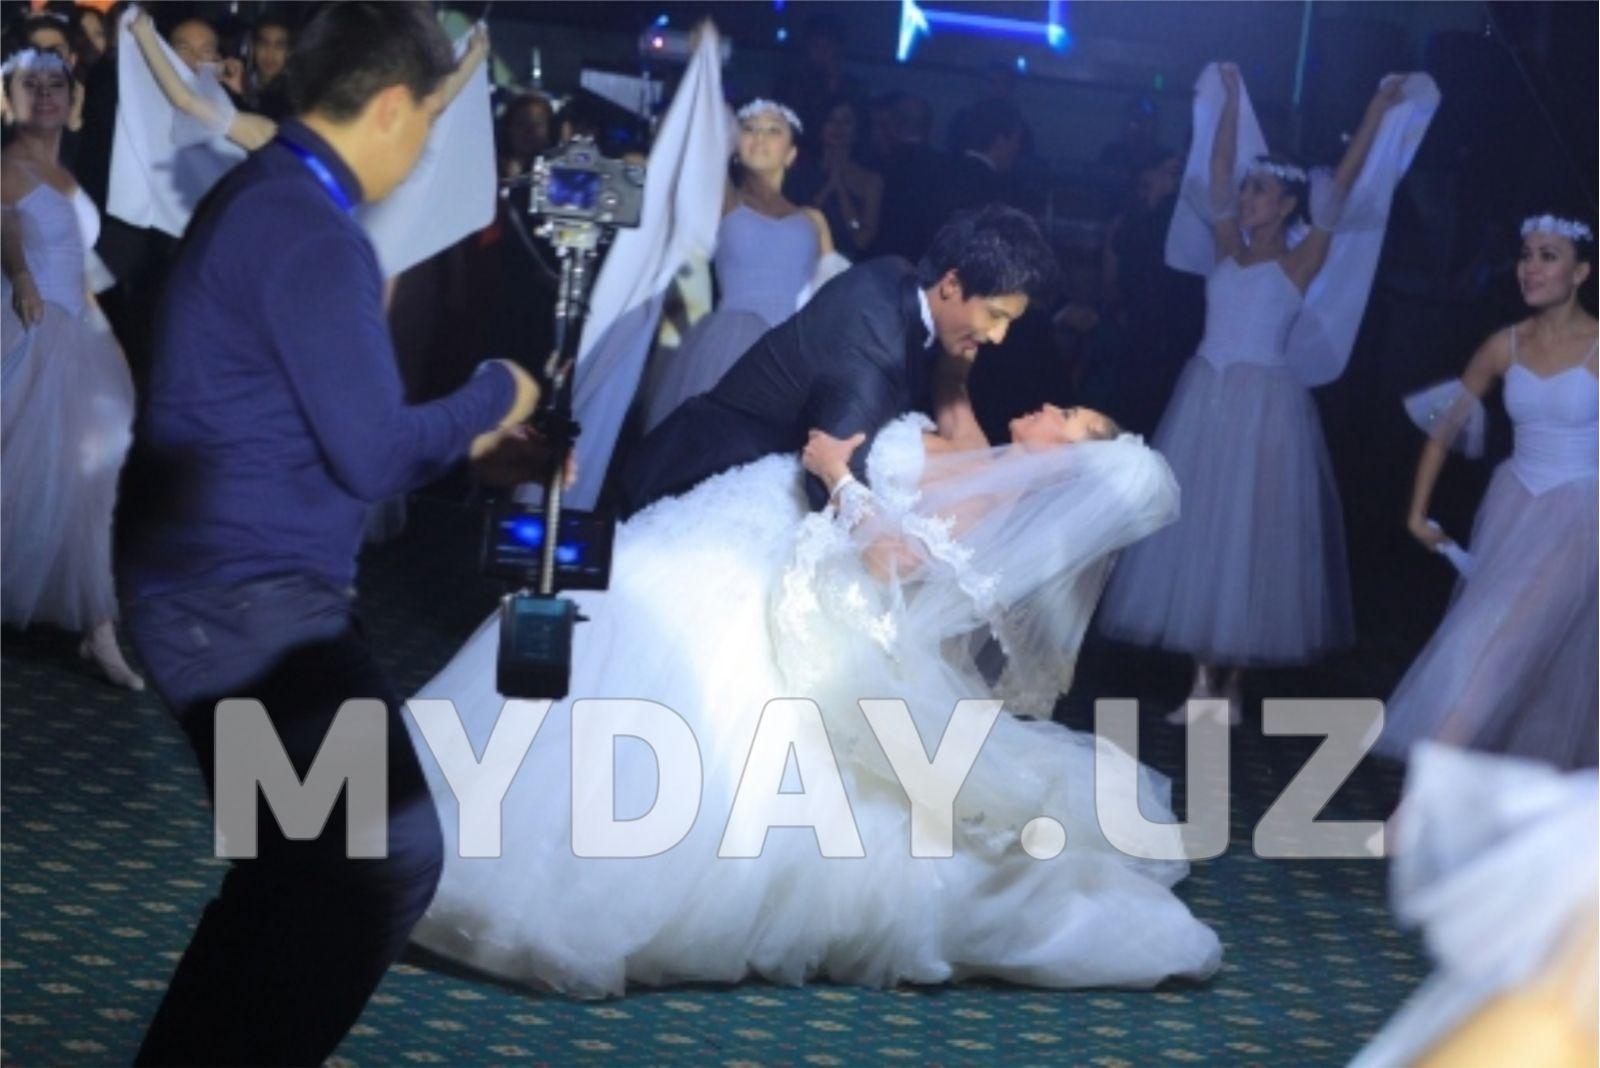 Райхона ганиева фото из свадьбы